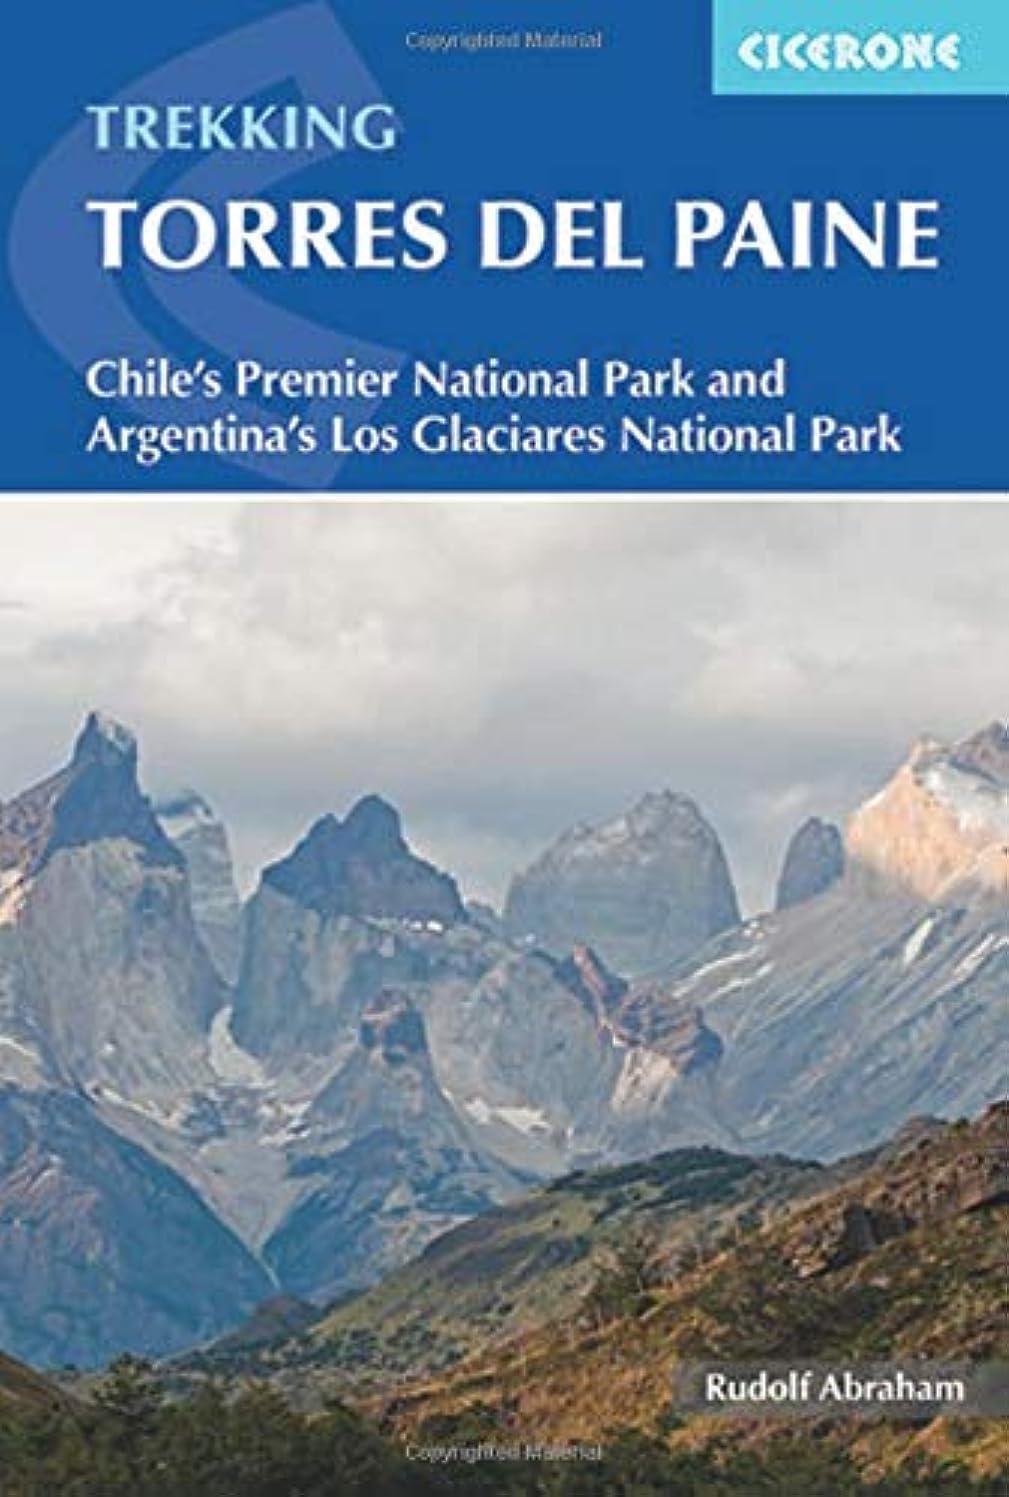 コンパニオン含意原点Cicerone Trekking Torres Del Paine: Chile's Premier National Park and Argentina's Los Glaciares National Park (International Trekking)